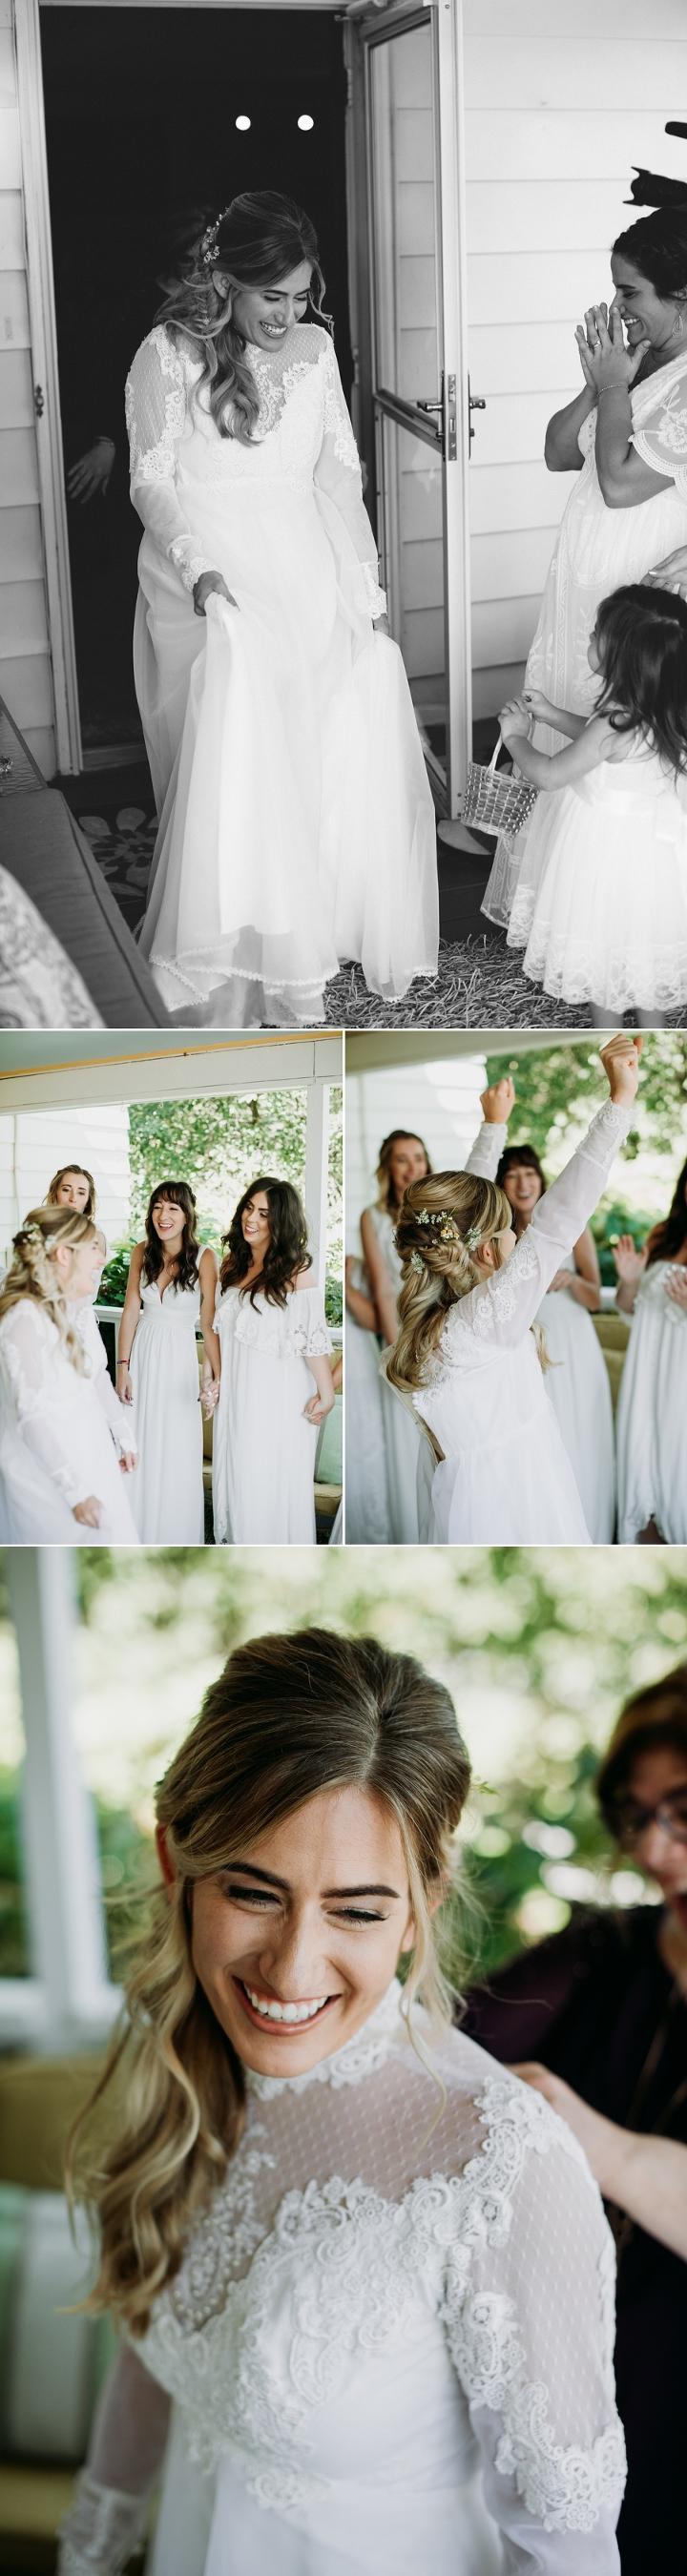 Kelsey + Seth Married 5